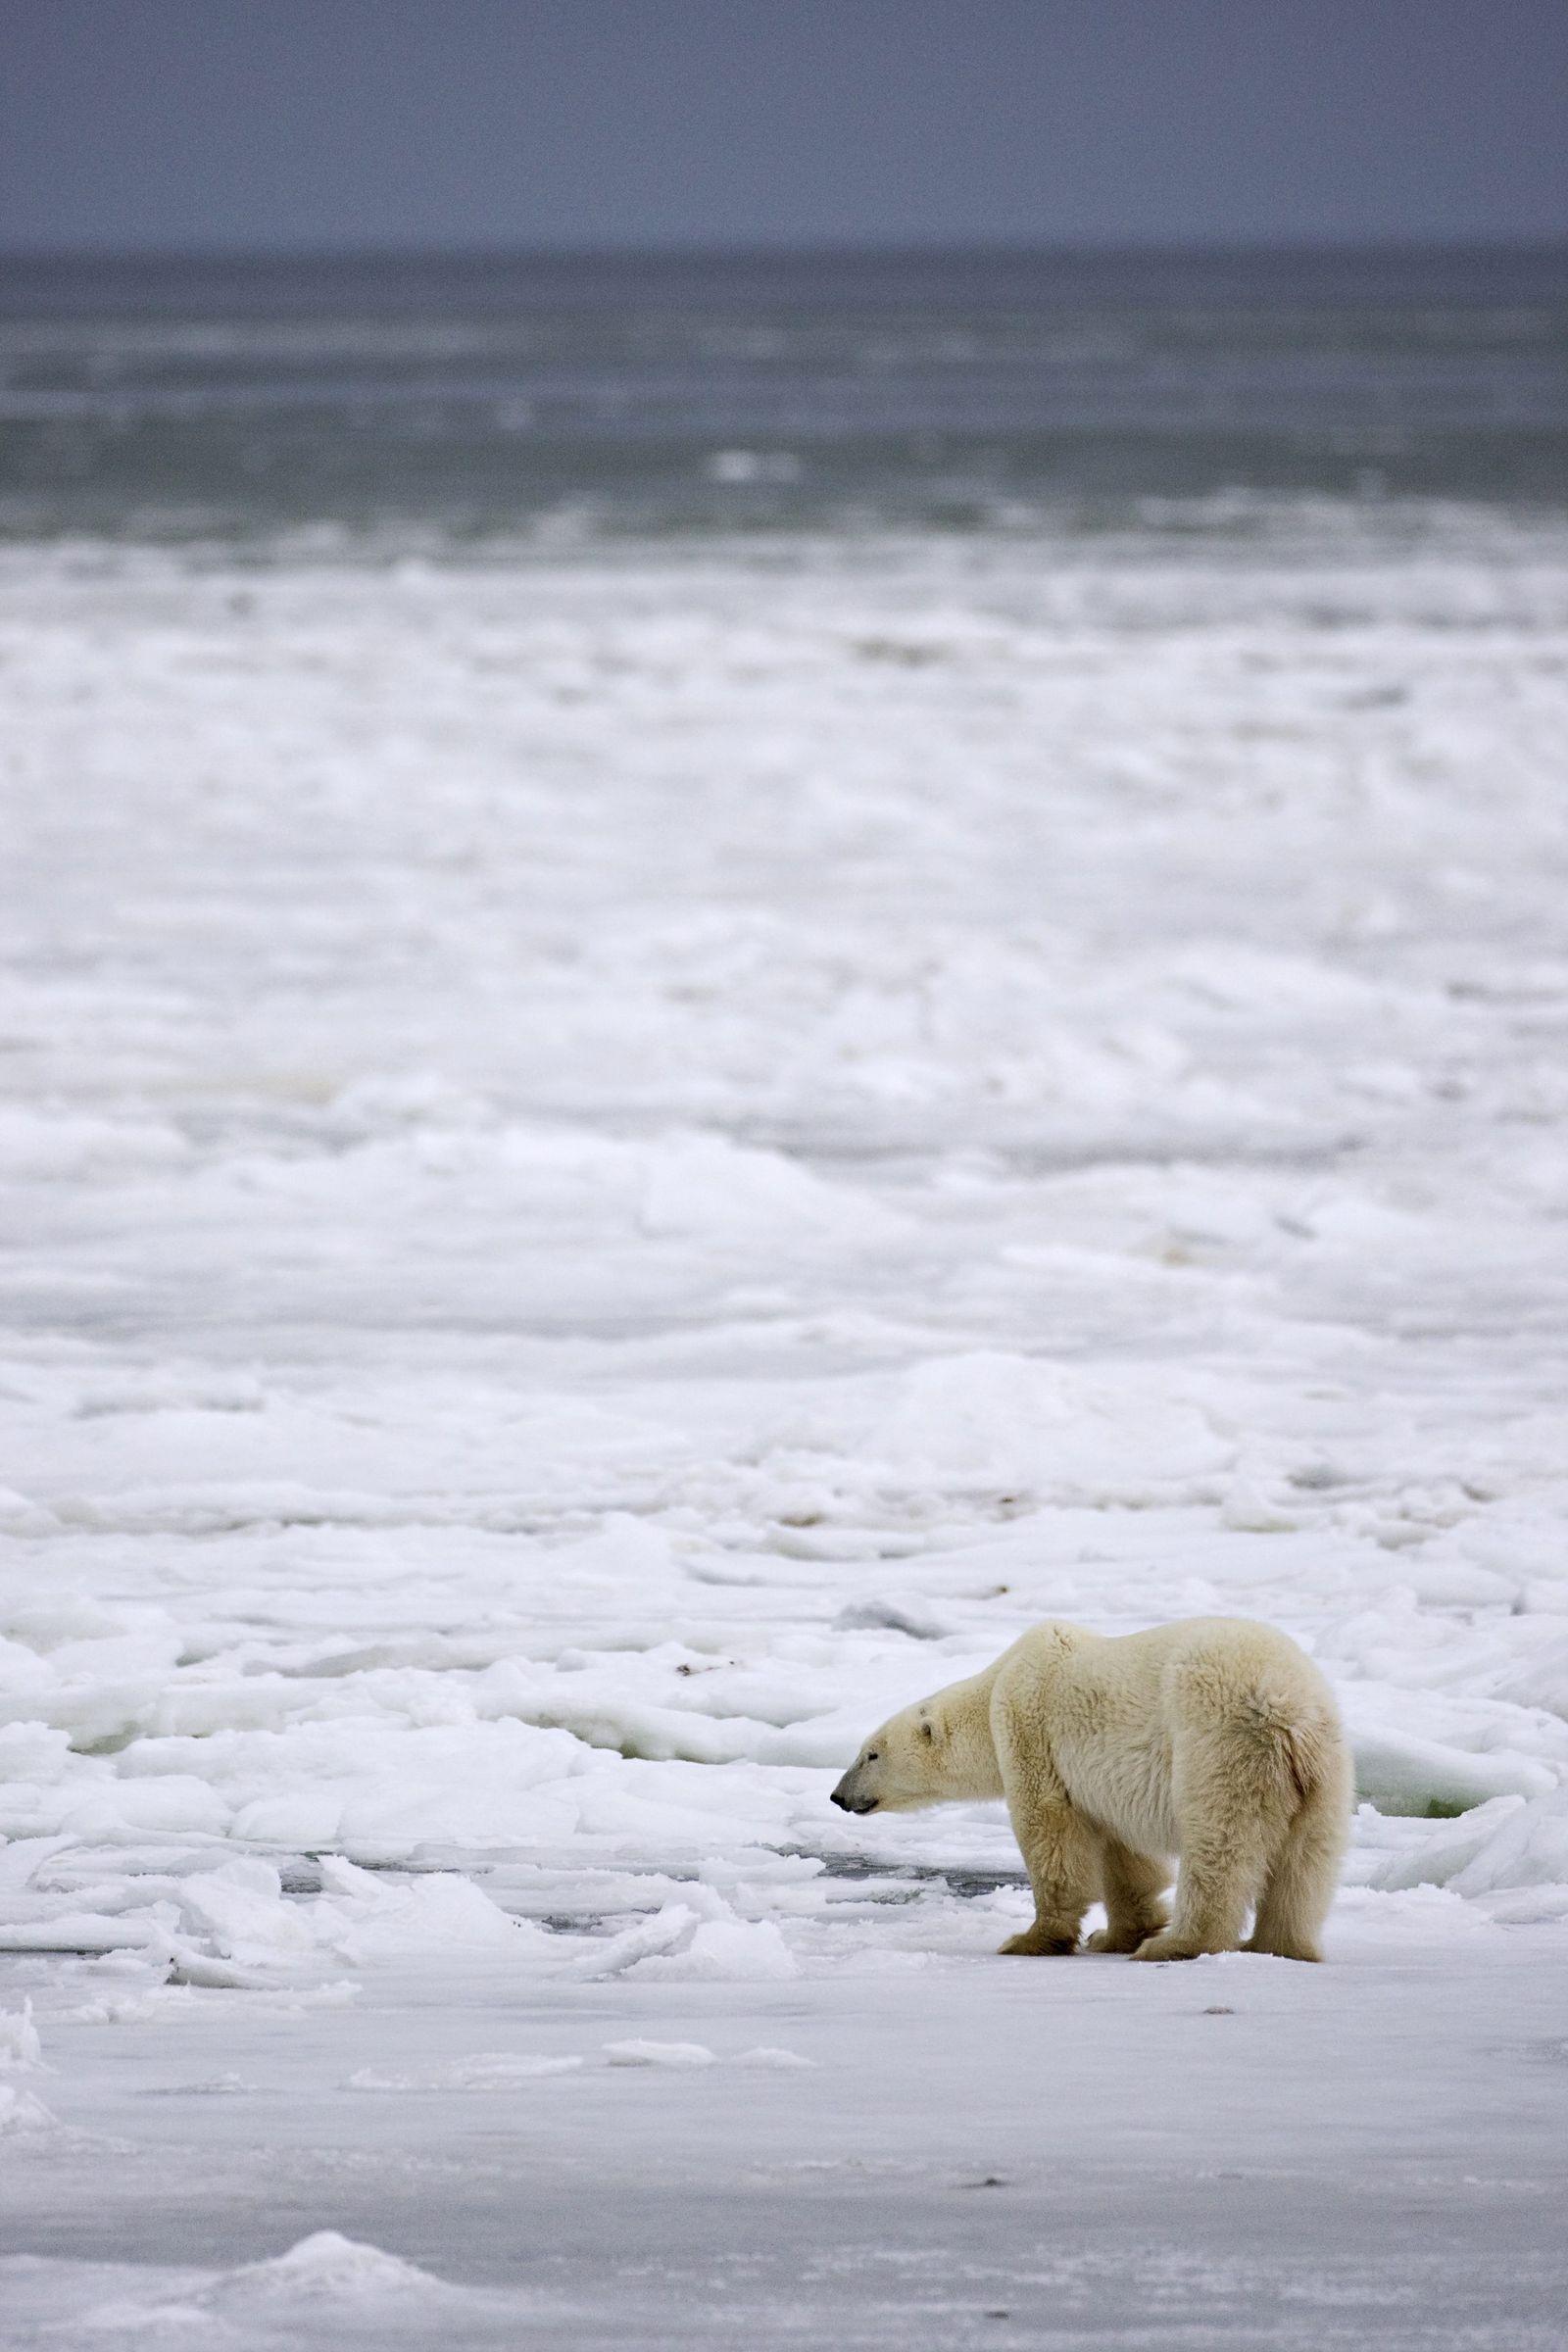 Arktis/Eisbär/Kanada